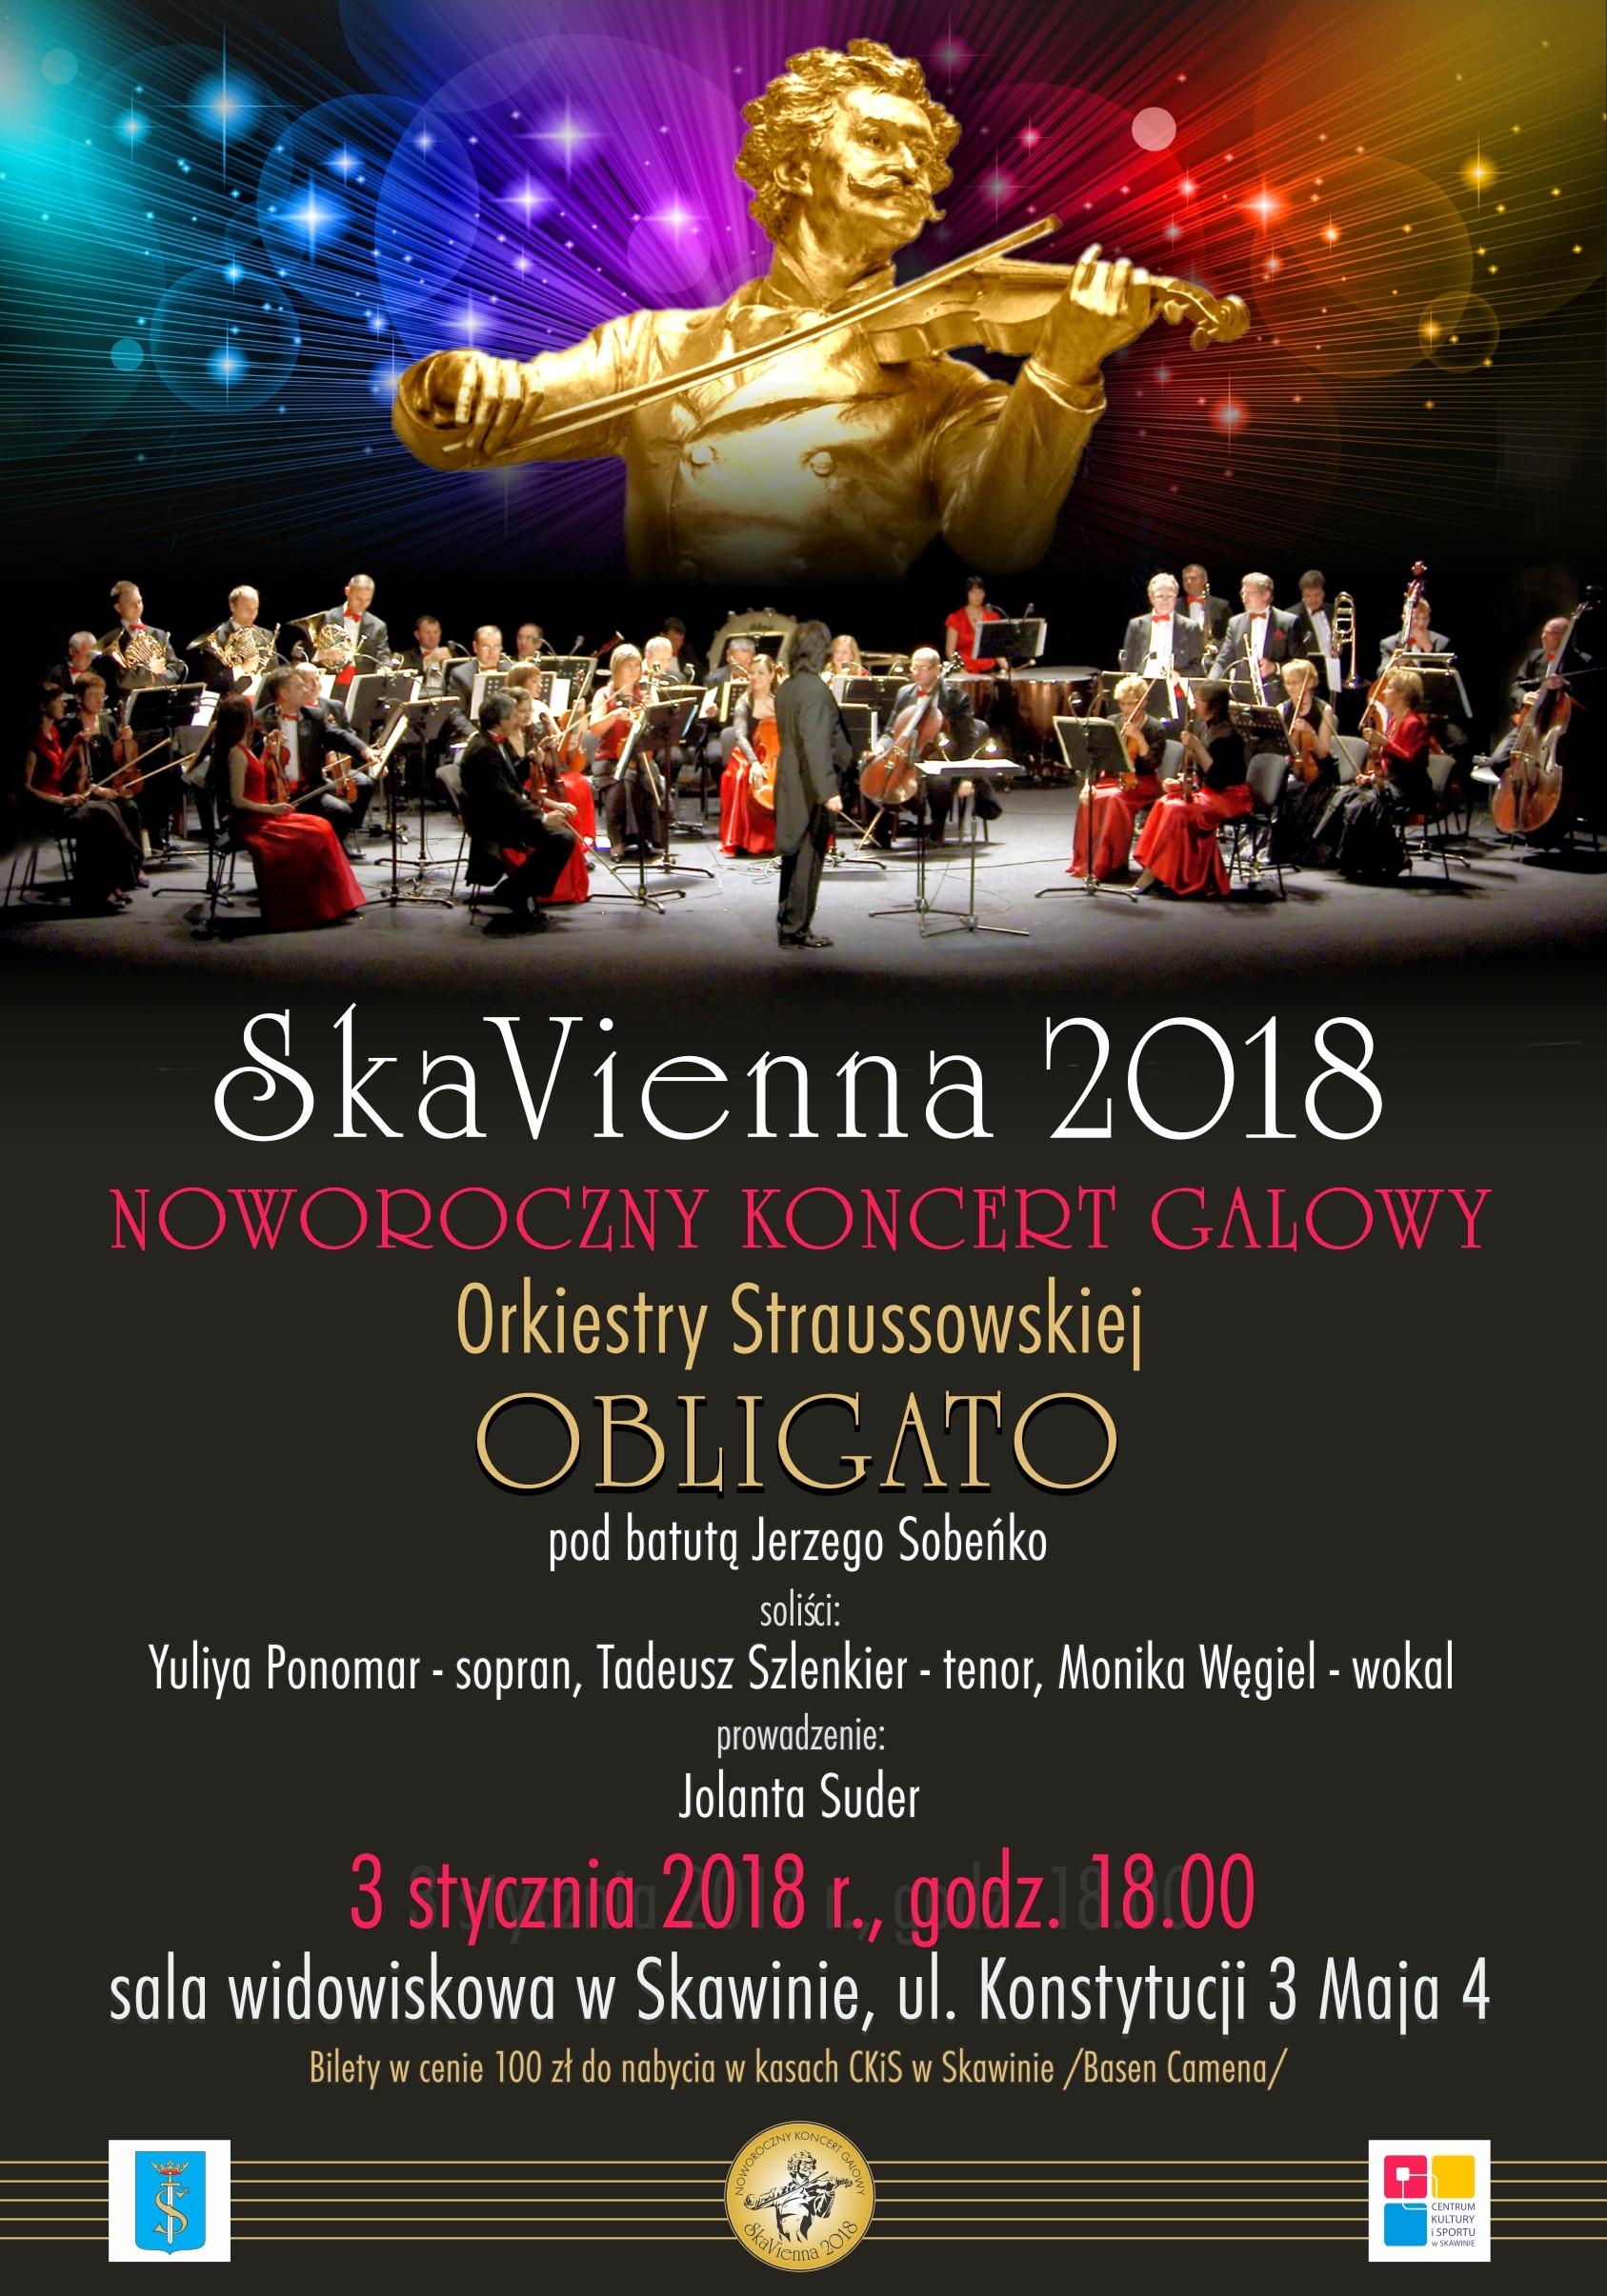 Noworoczny Koncert Galowy @ Sala widowiskowa w Skawinie | Skawina | małopolskie | Polska